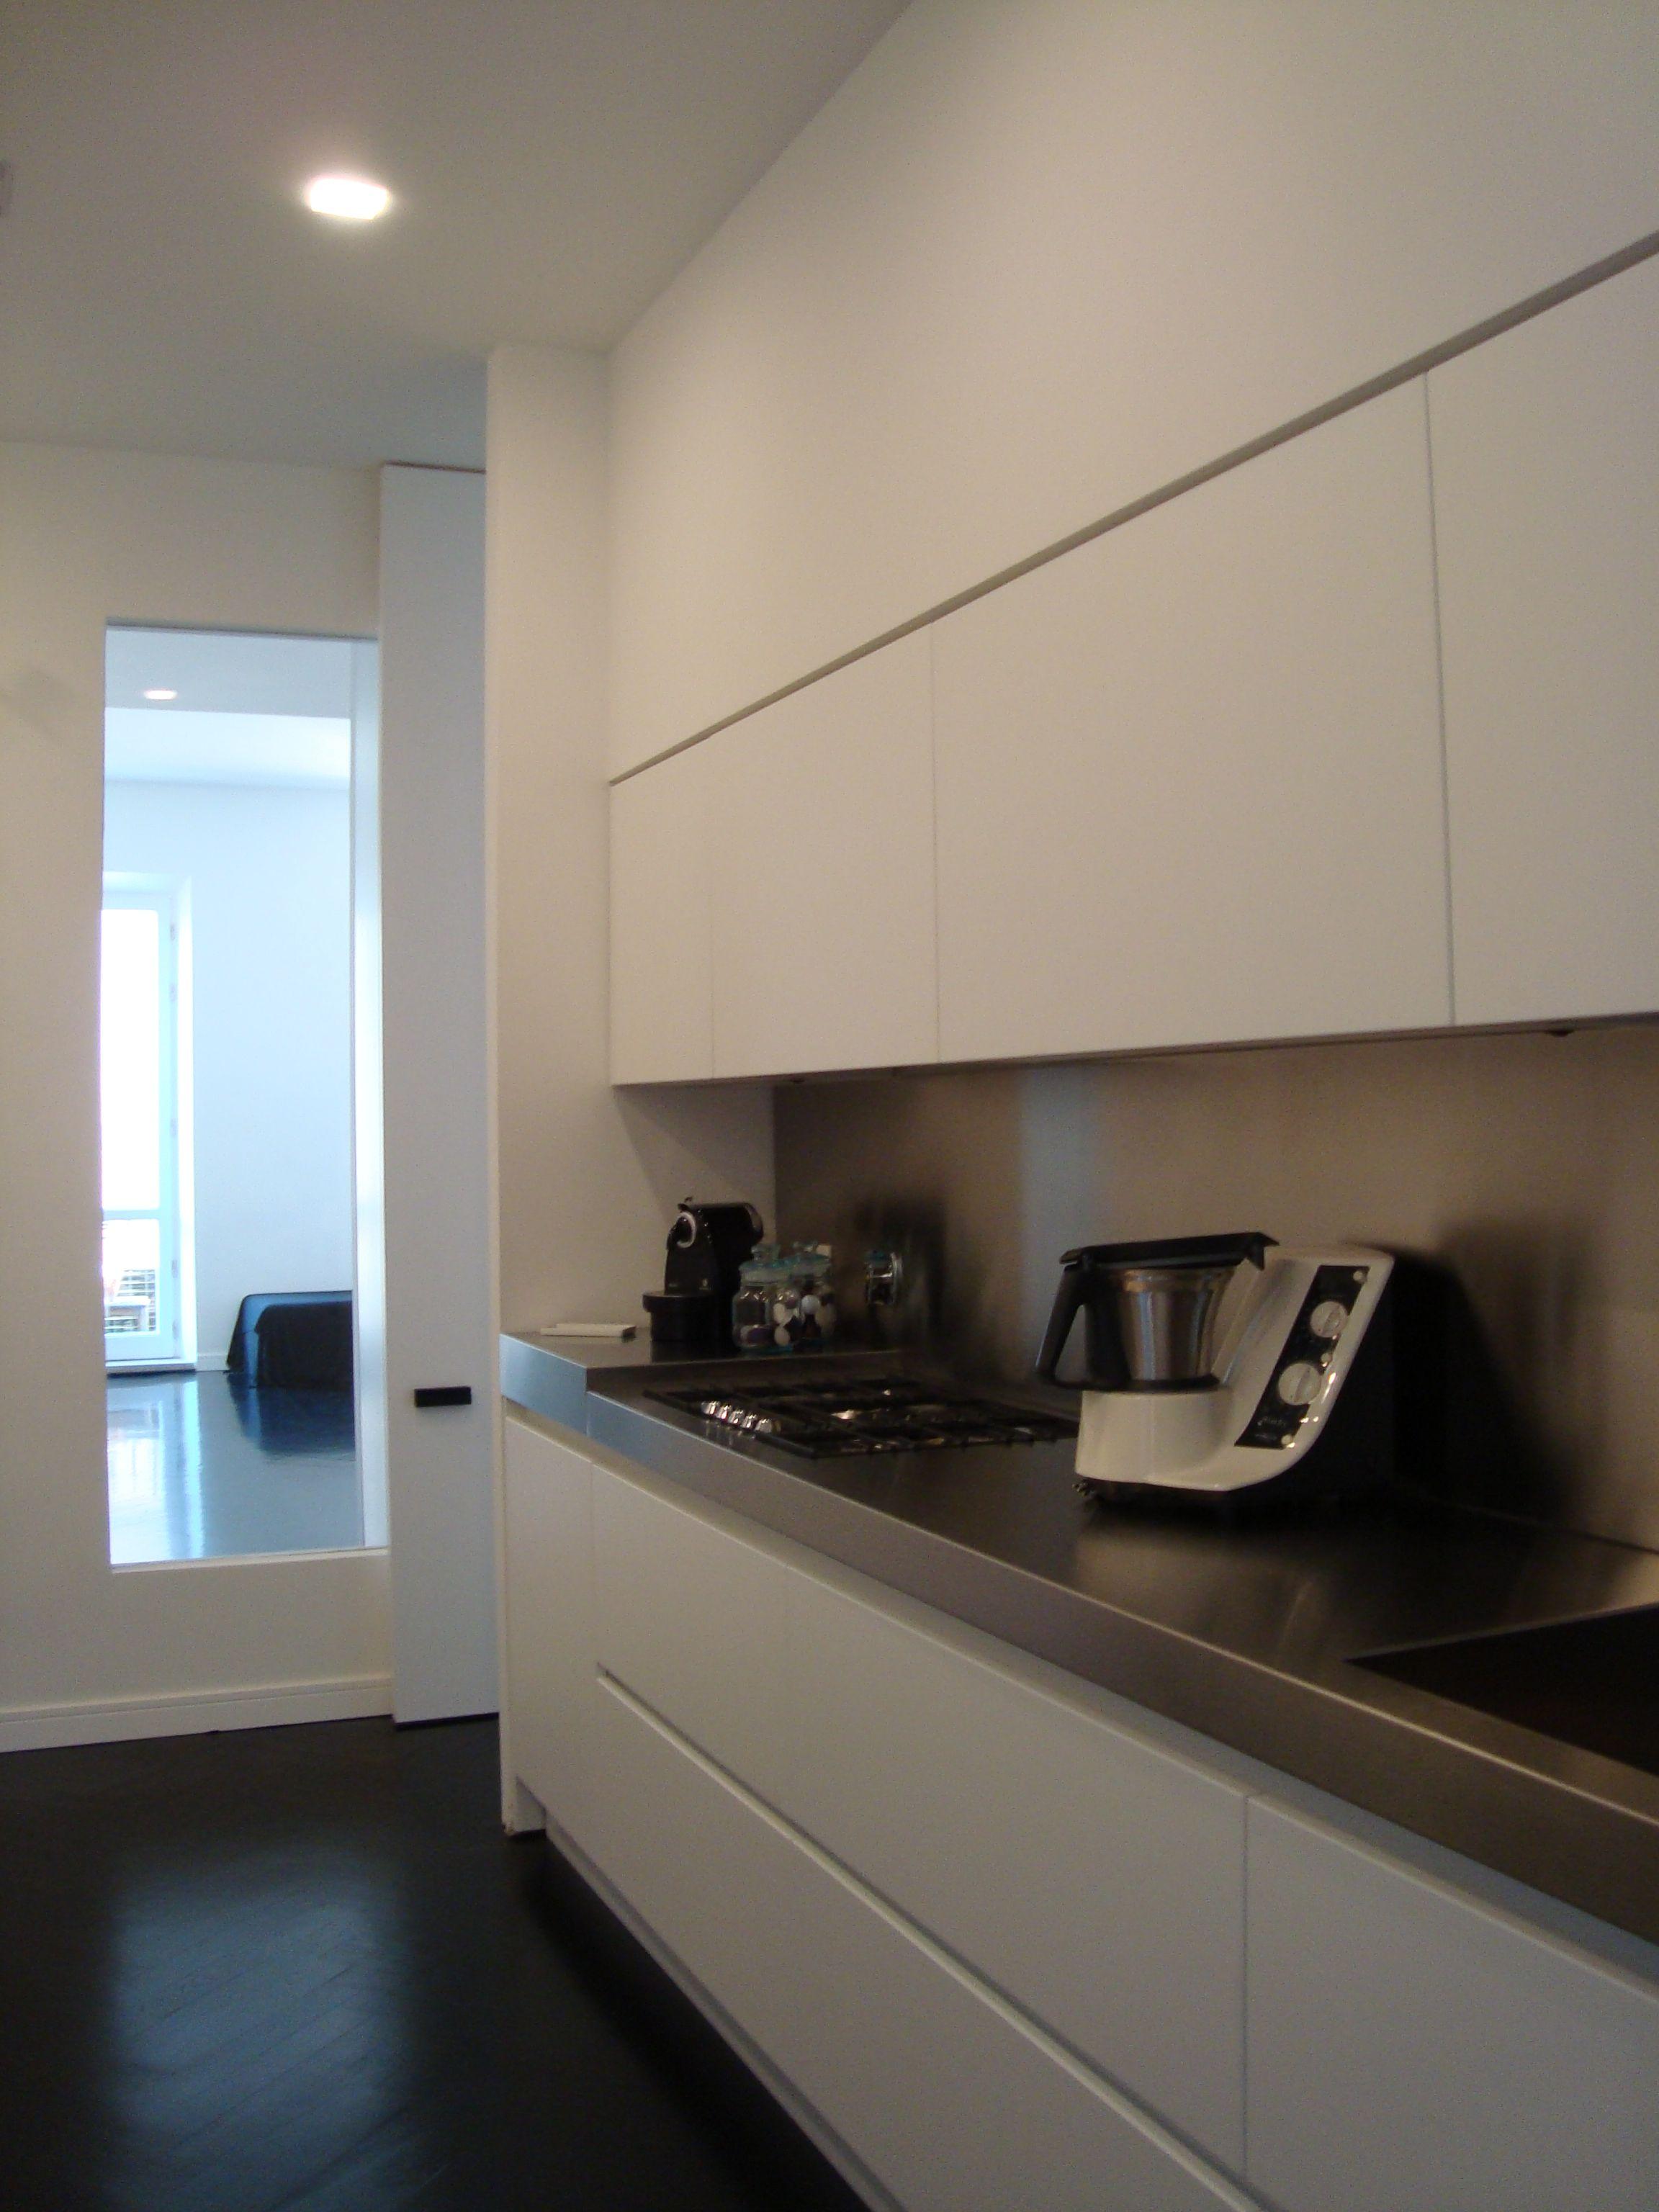 Abitazione privata, Casa A&A,cucina total white con top in acciaio ...